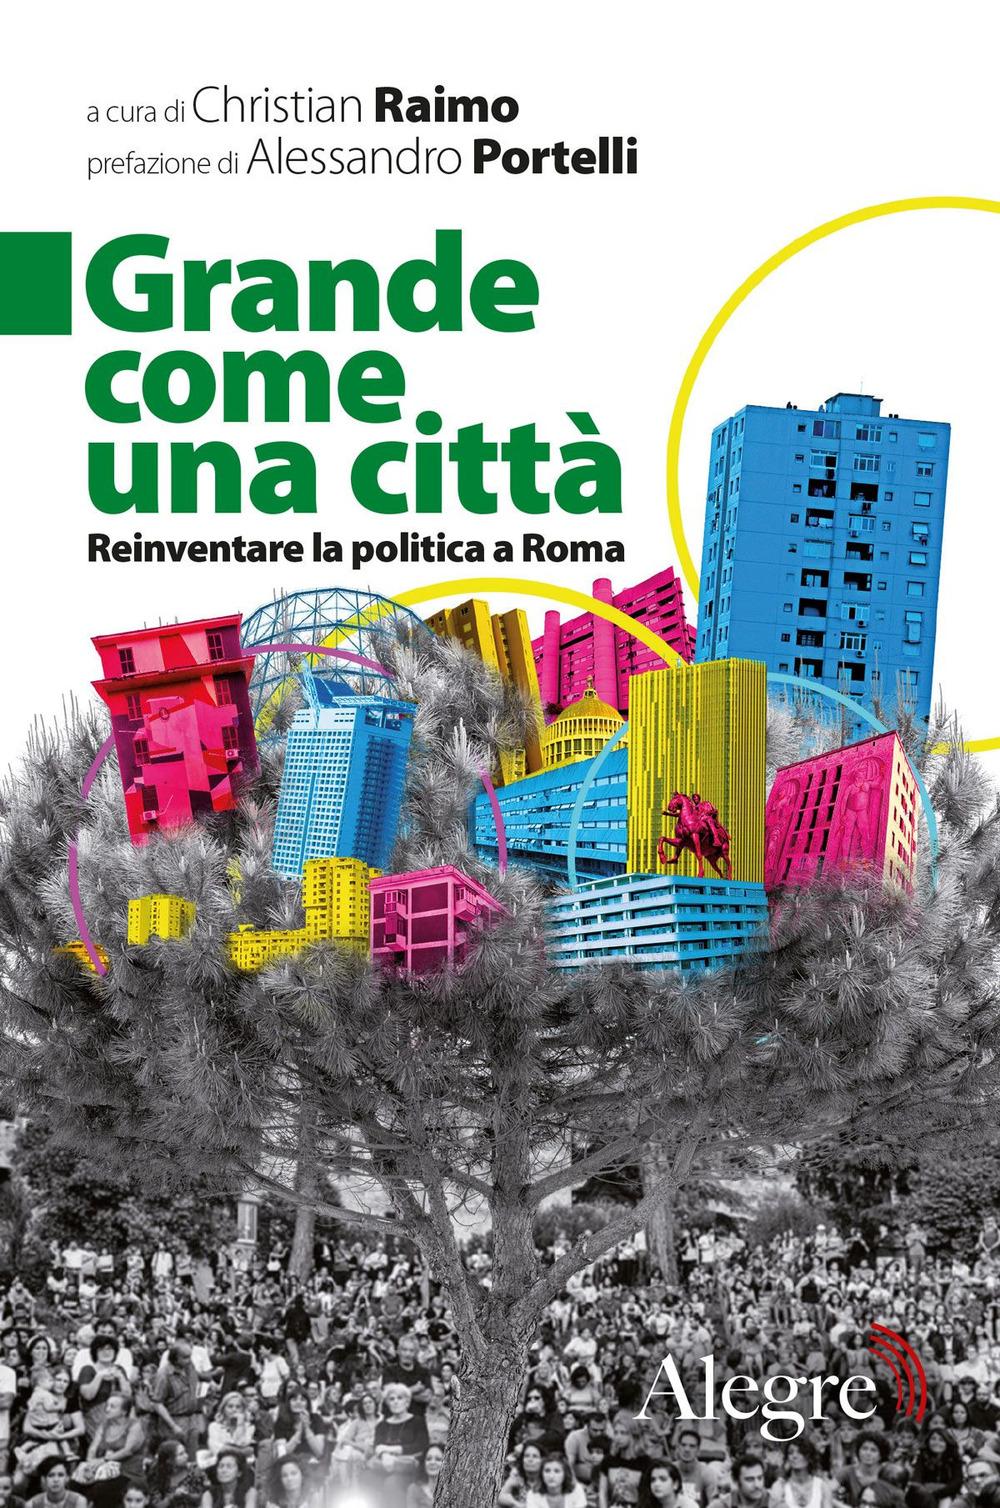 GRANDE COME UNA CITTÀ - Christian Raimo - 9788832067194